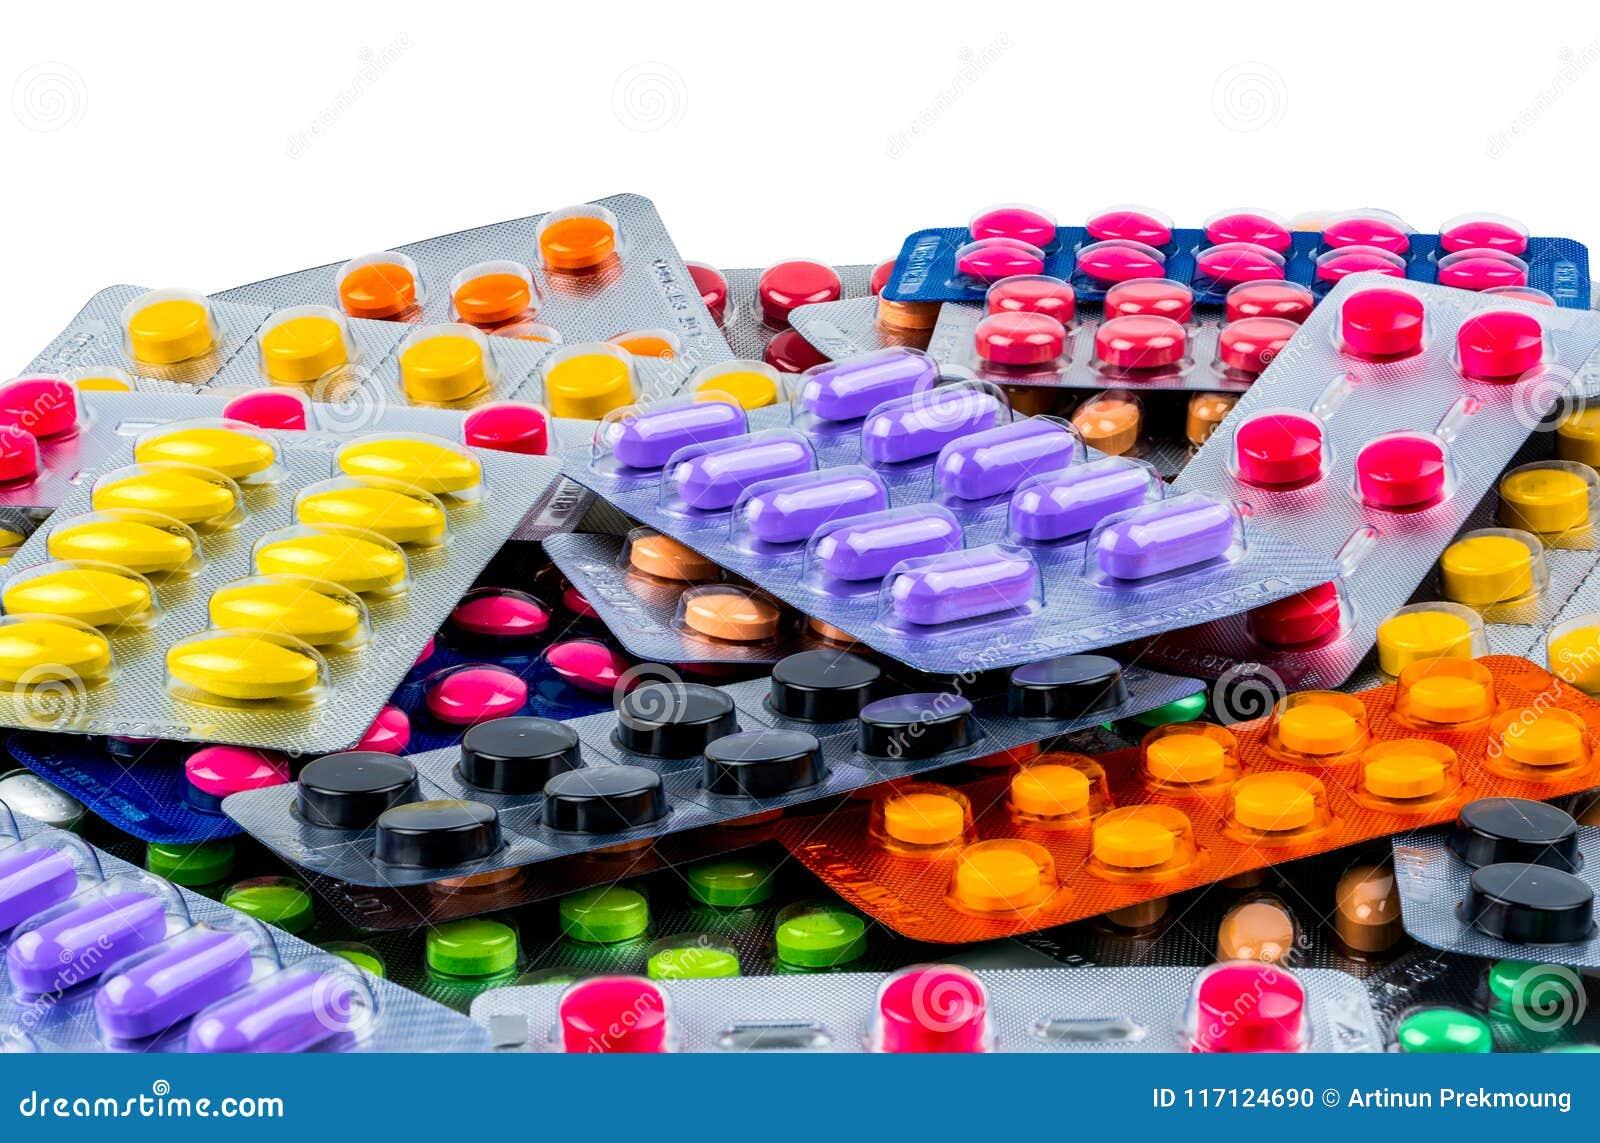 Куча пилюлек таблетки на белой предпосылке Желтые, фиолетовые, черные, оранжевые, розовые, зеленые пилюльки таблетки в пакете вол